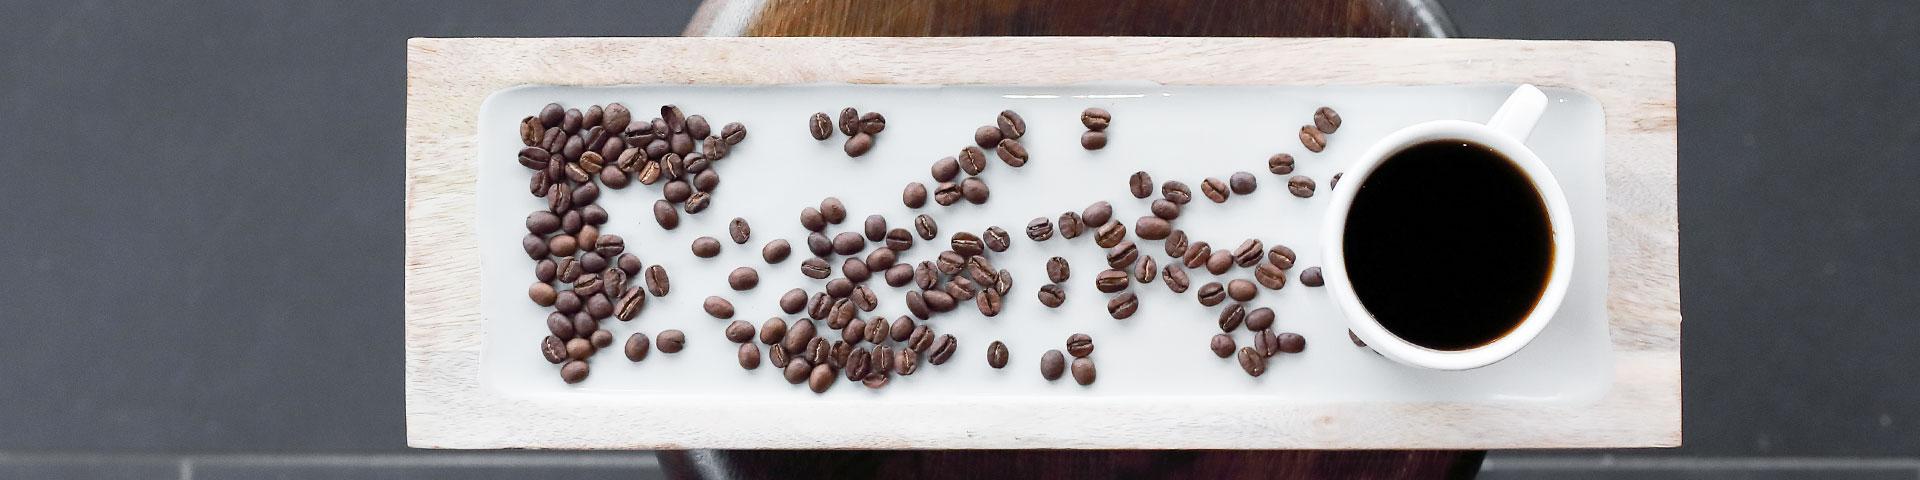 Kaffee Sorten - Alle DINZLER Kaffee Sorten